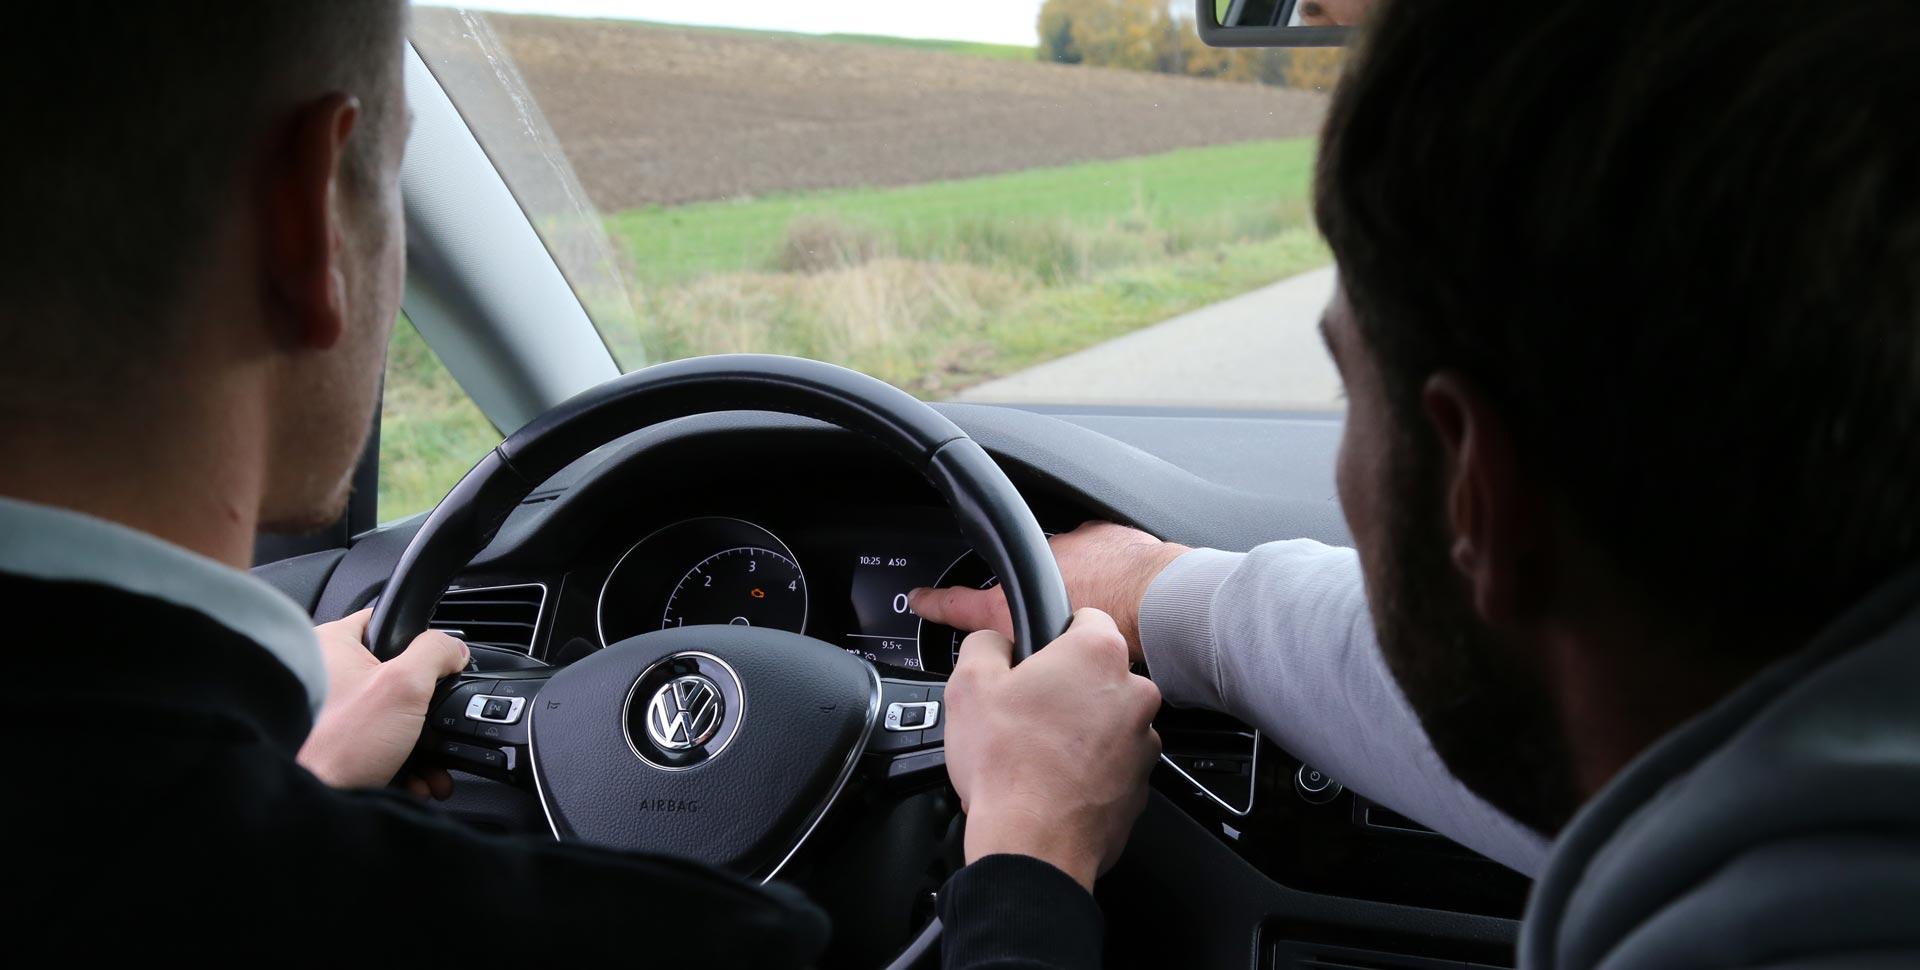 Fahrstunde bei Fahrschule Schulz